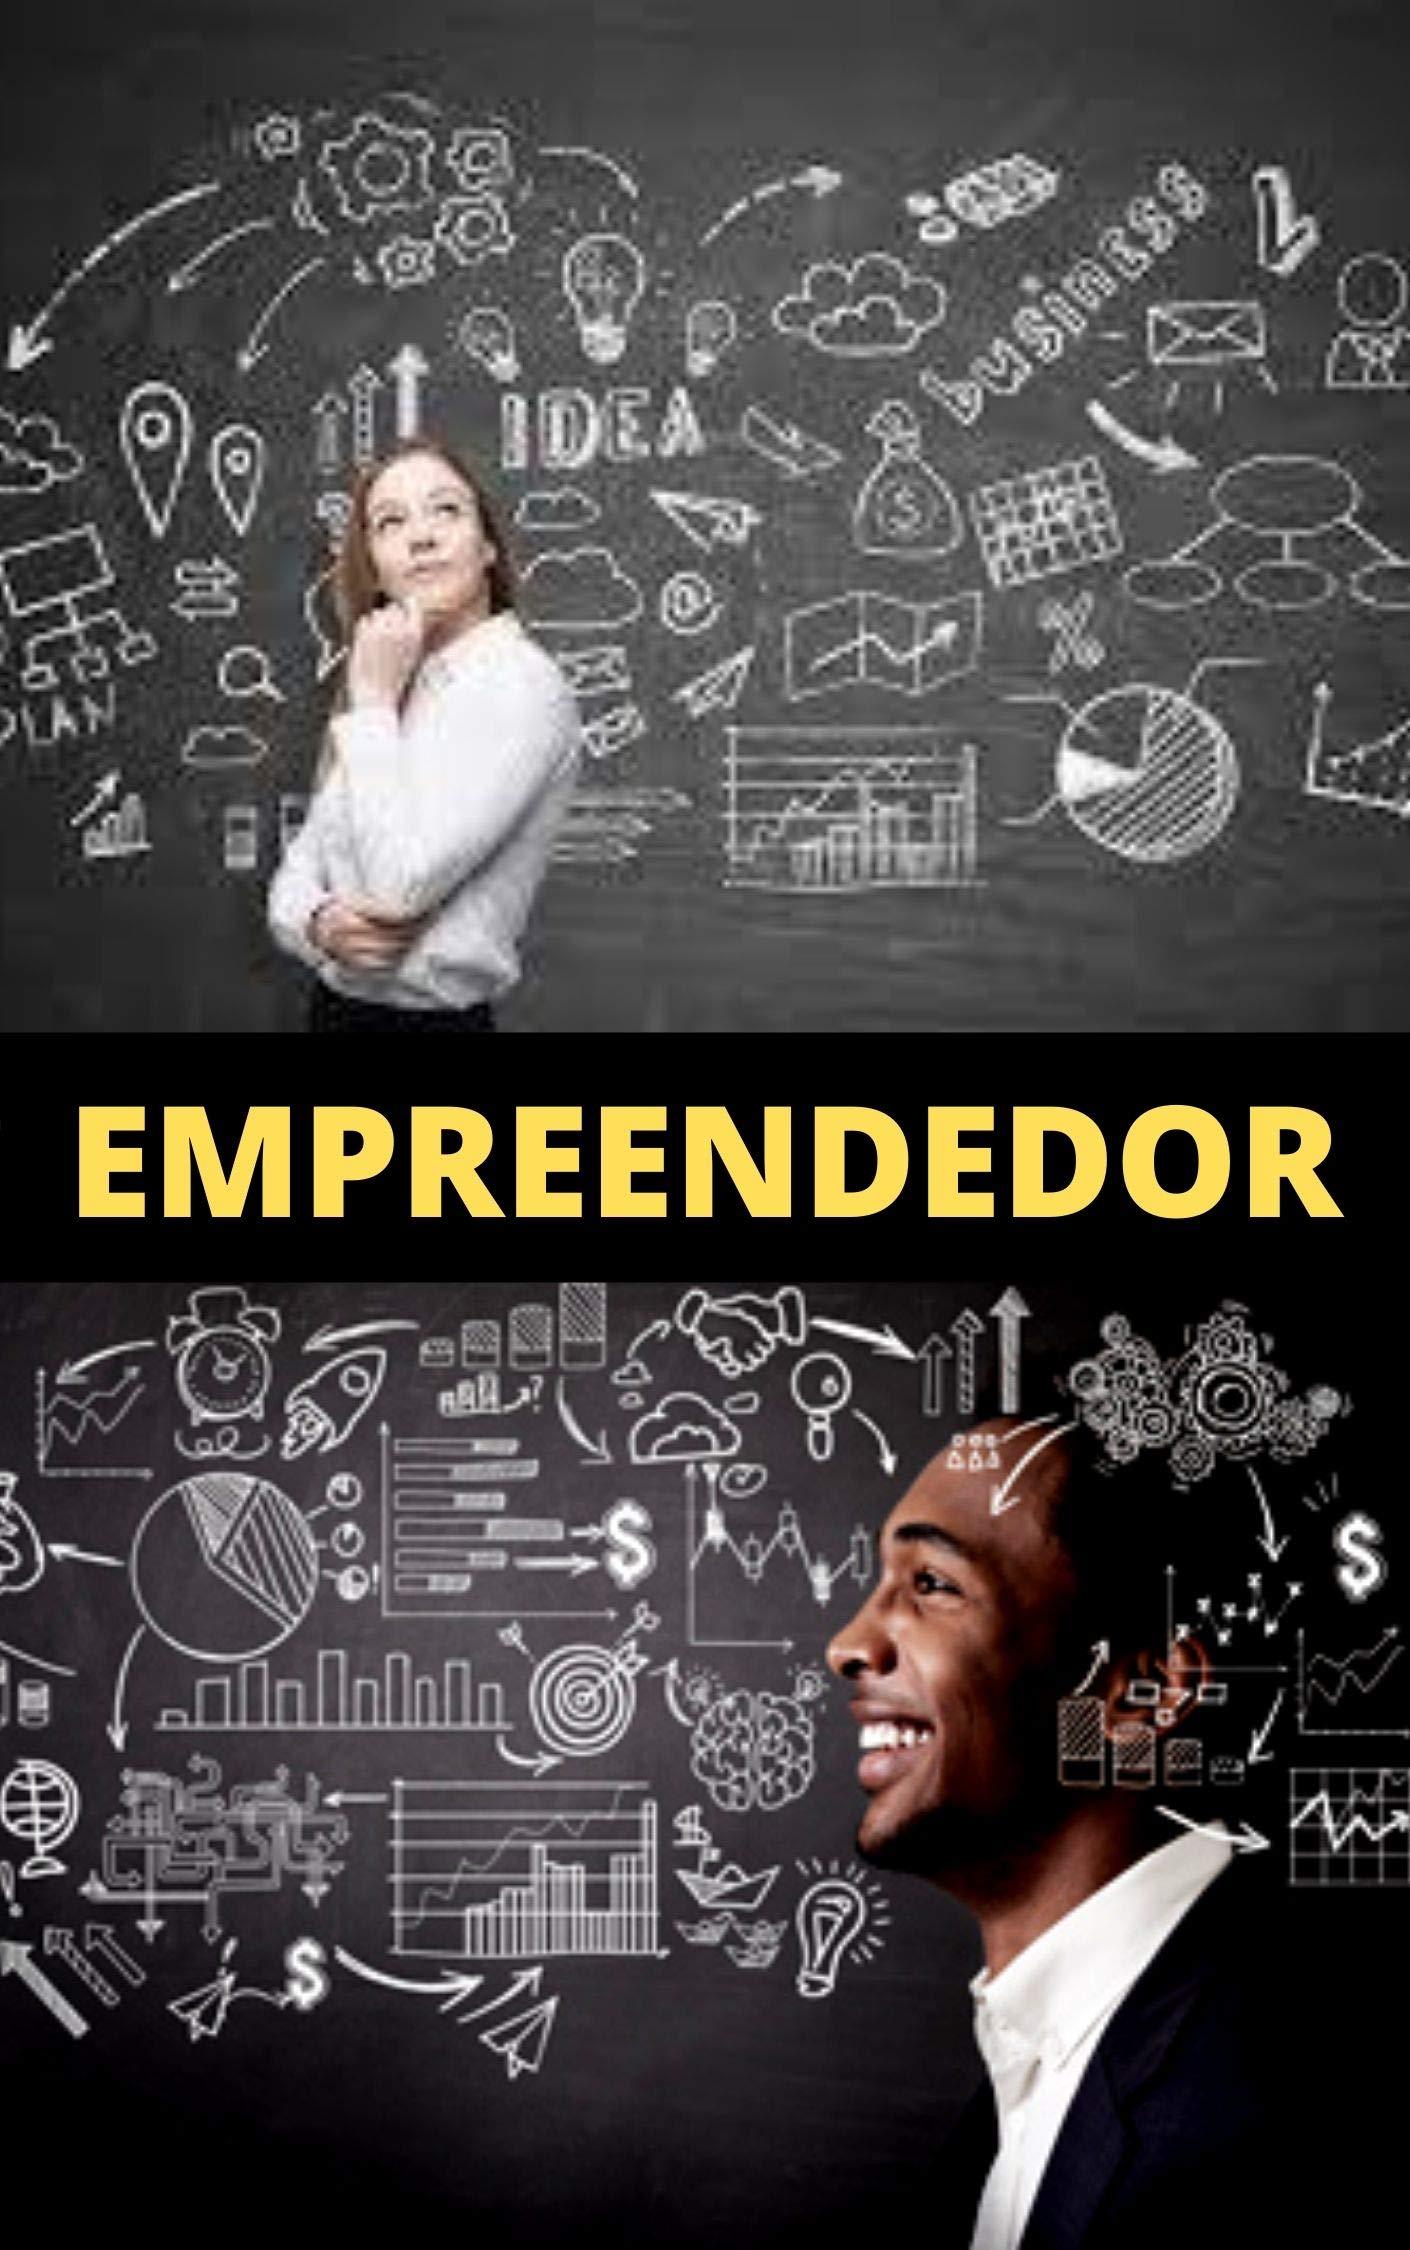 Grande Empreendedor: Como Se Tornar Um Grande Empreendedor de Sucesso (Portuguese Edition)